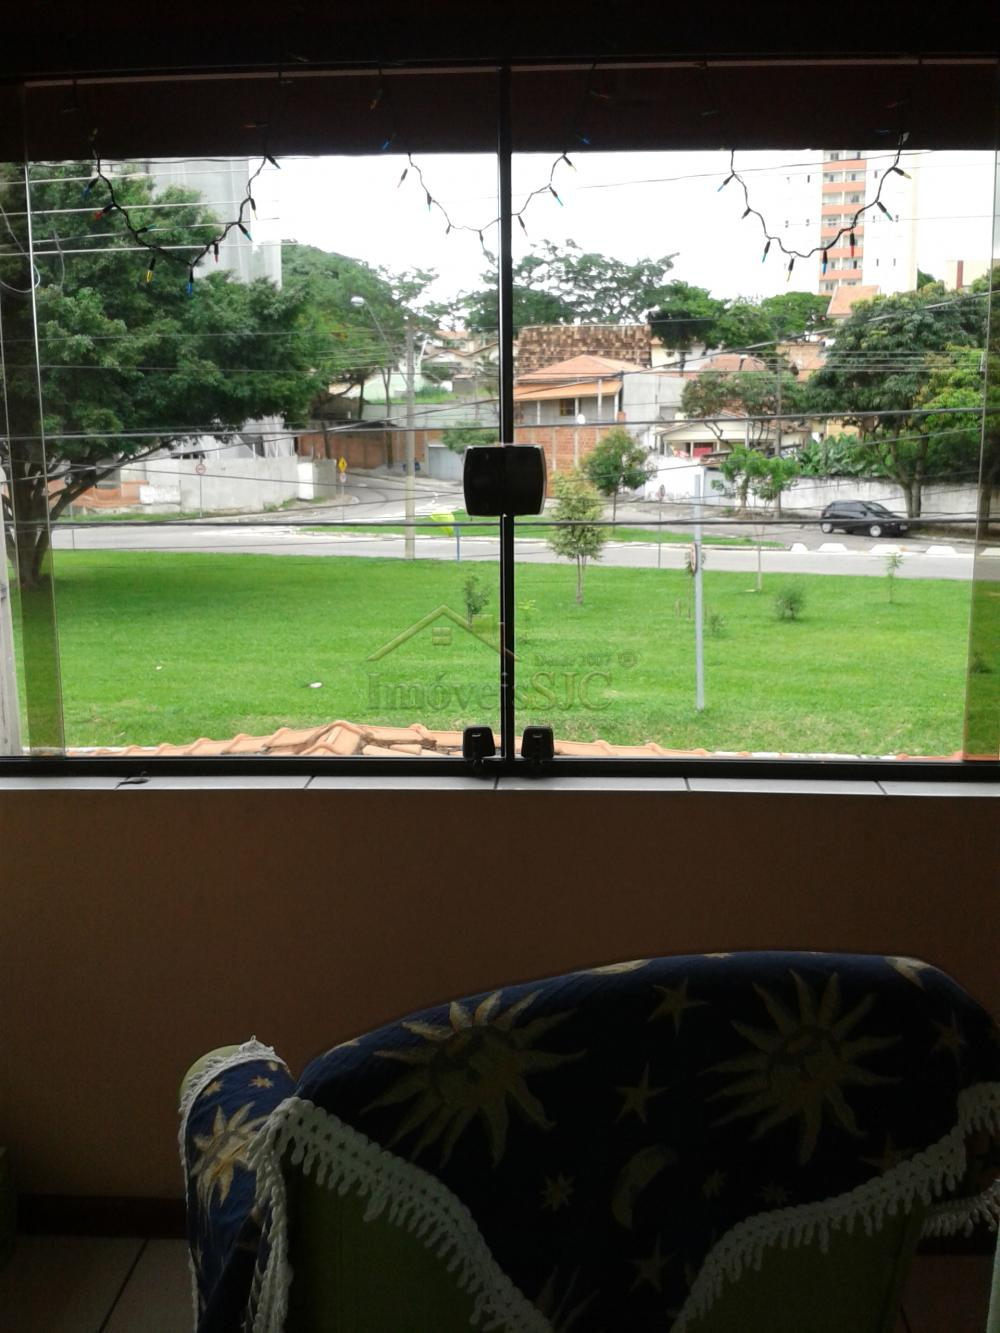 Comprar Casas / Padrão em São José dos Campos apenas R$ 465.000,00 - Foto 11